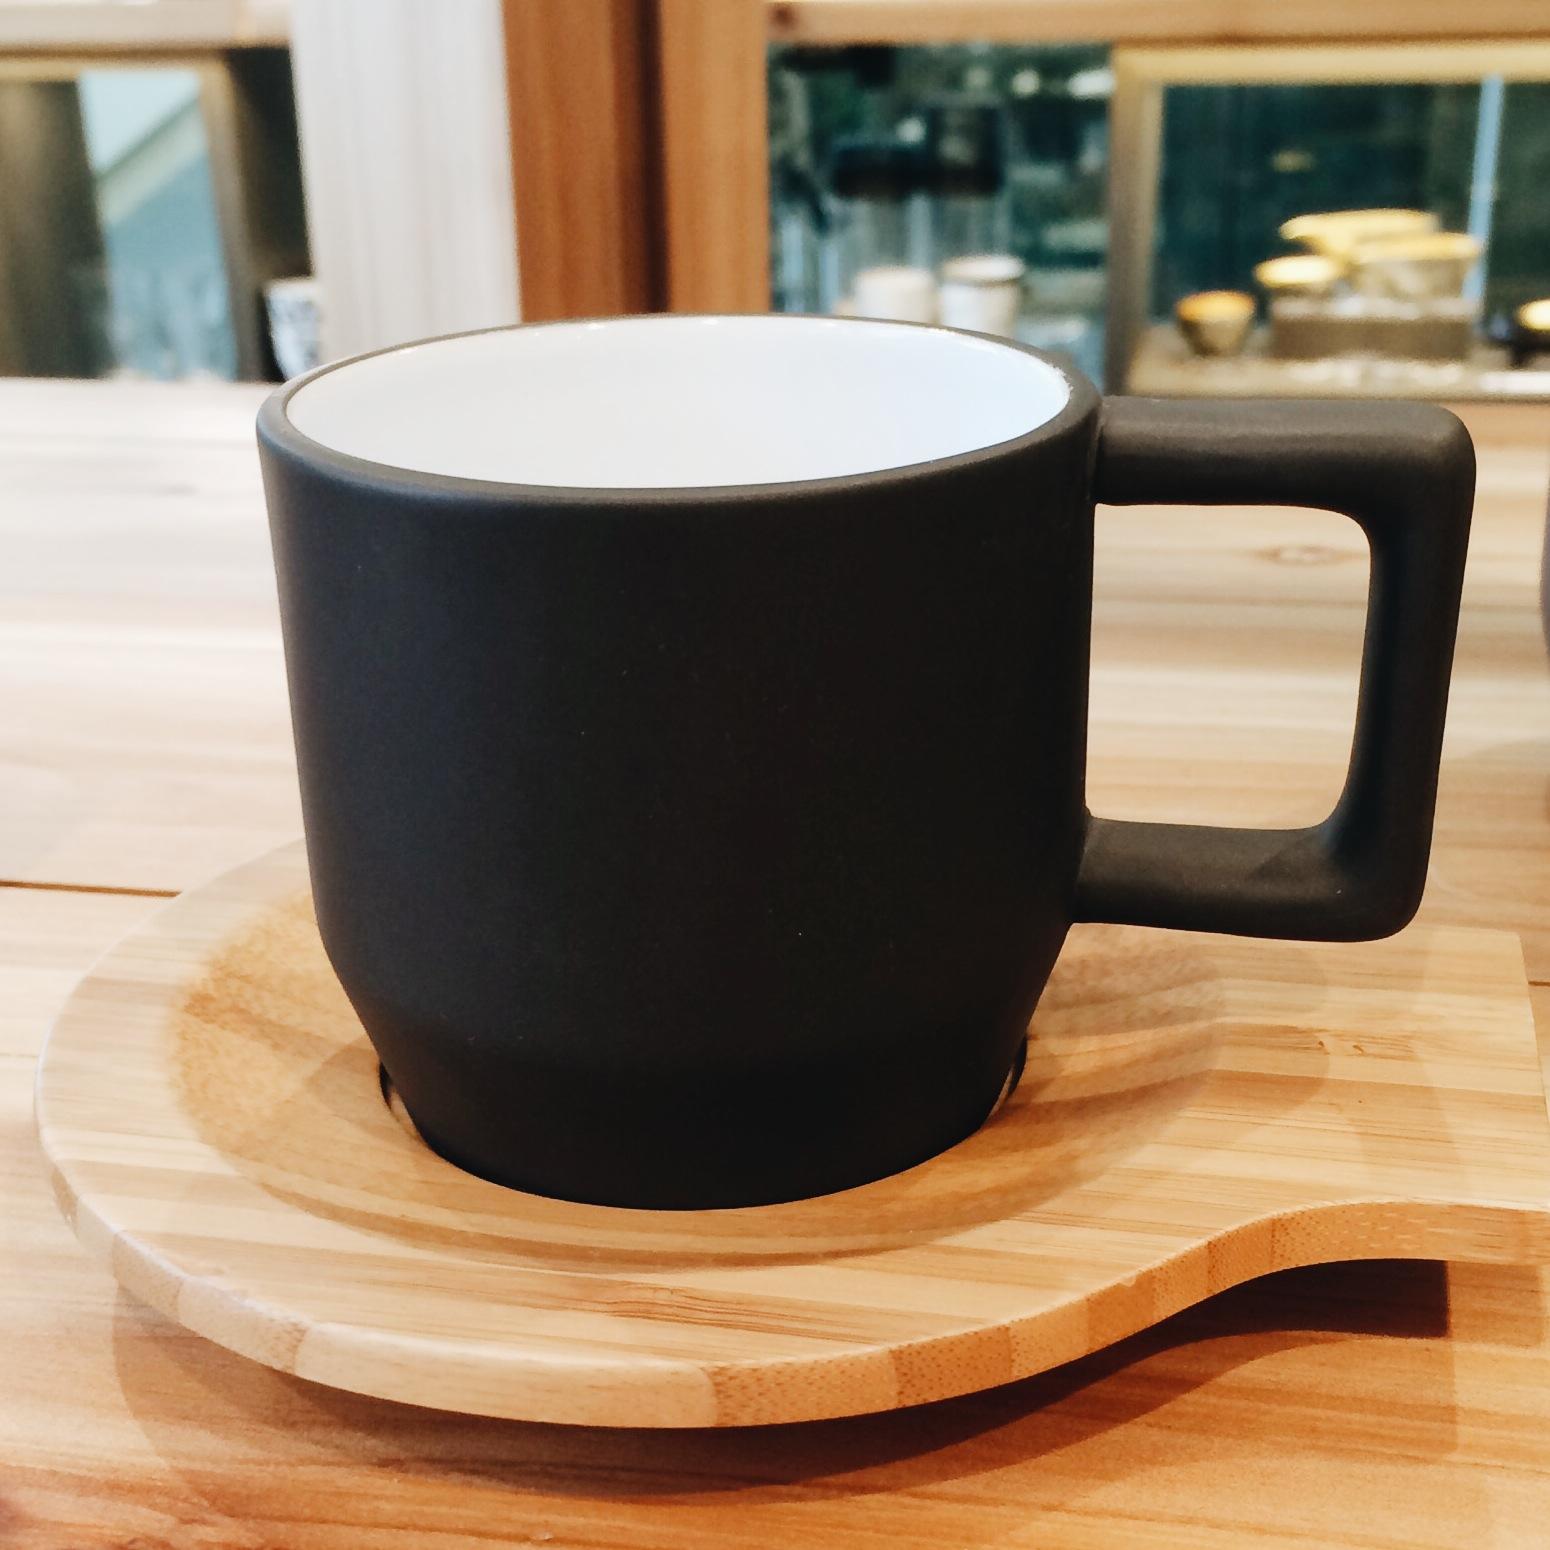 matching cappucino mugs.